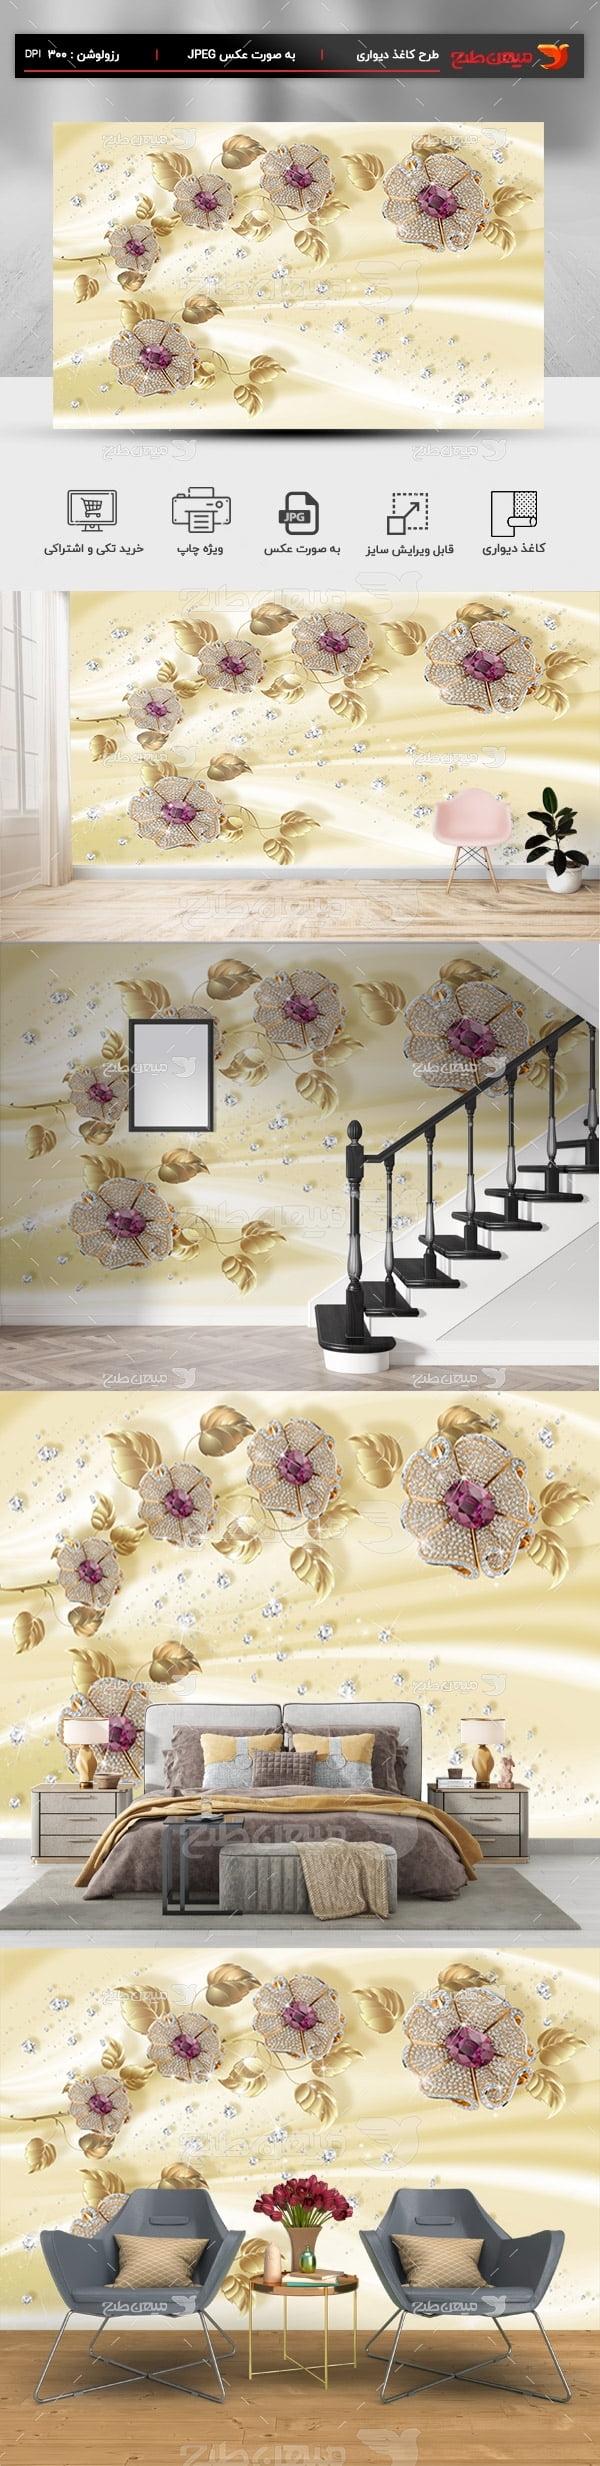 پوستر کاغذ دیواری سه بعدی طلایی و گل الماس